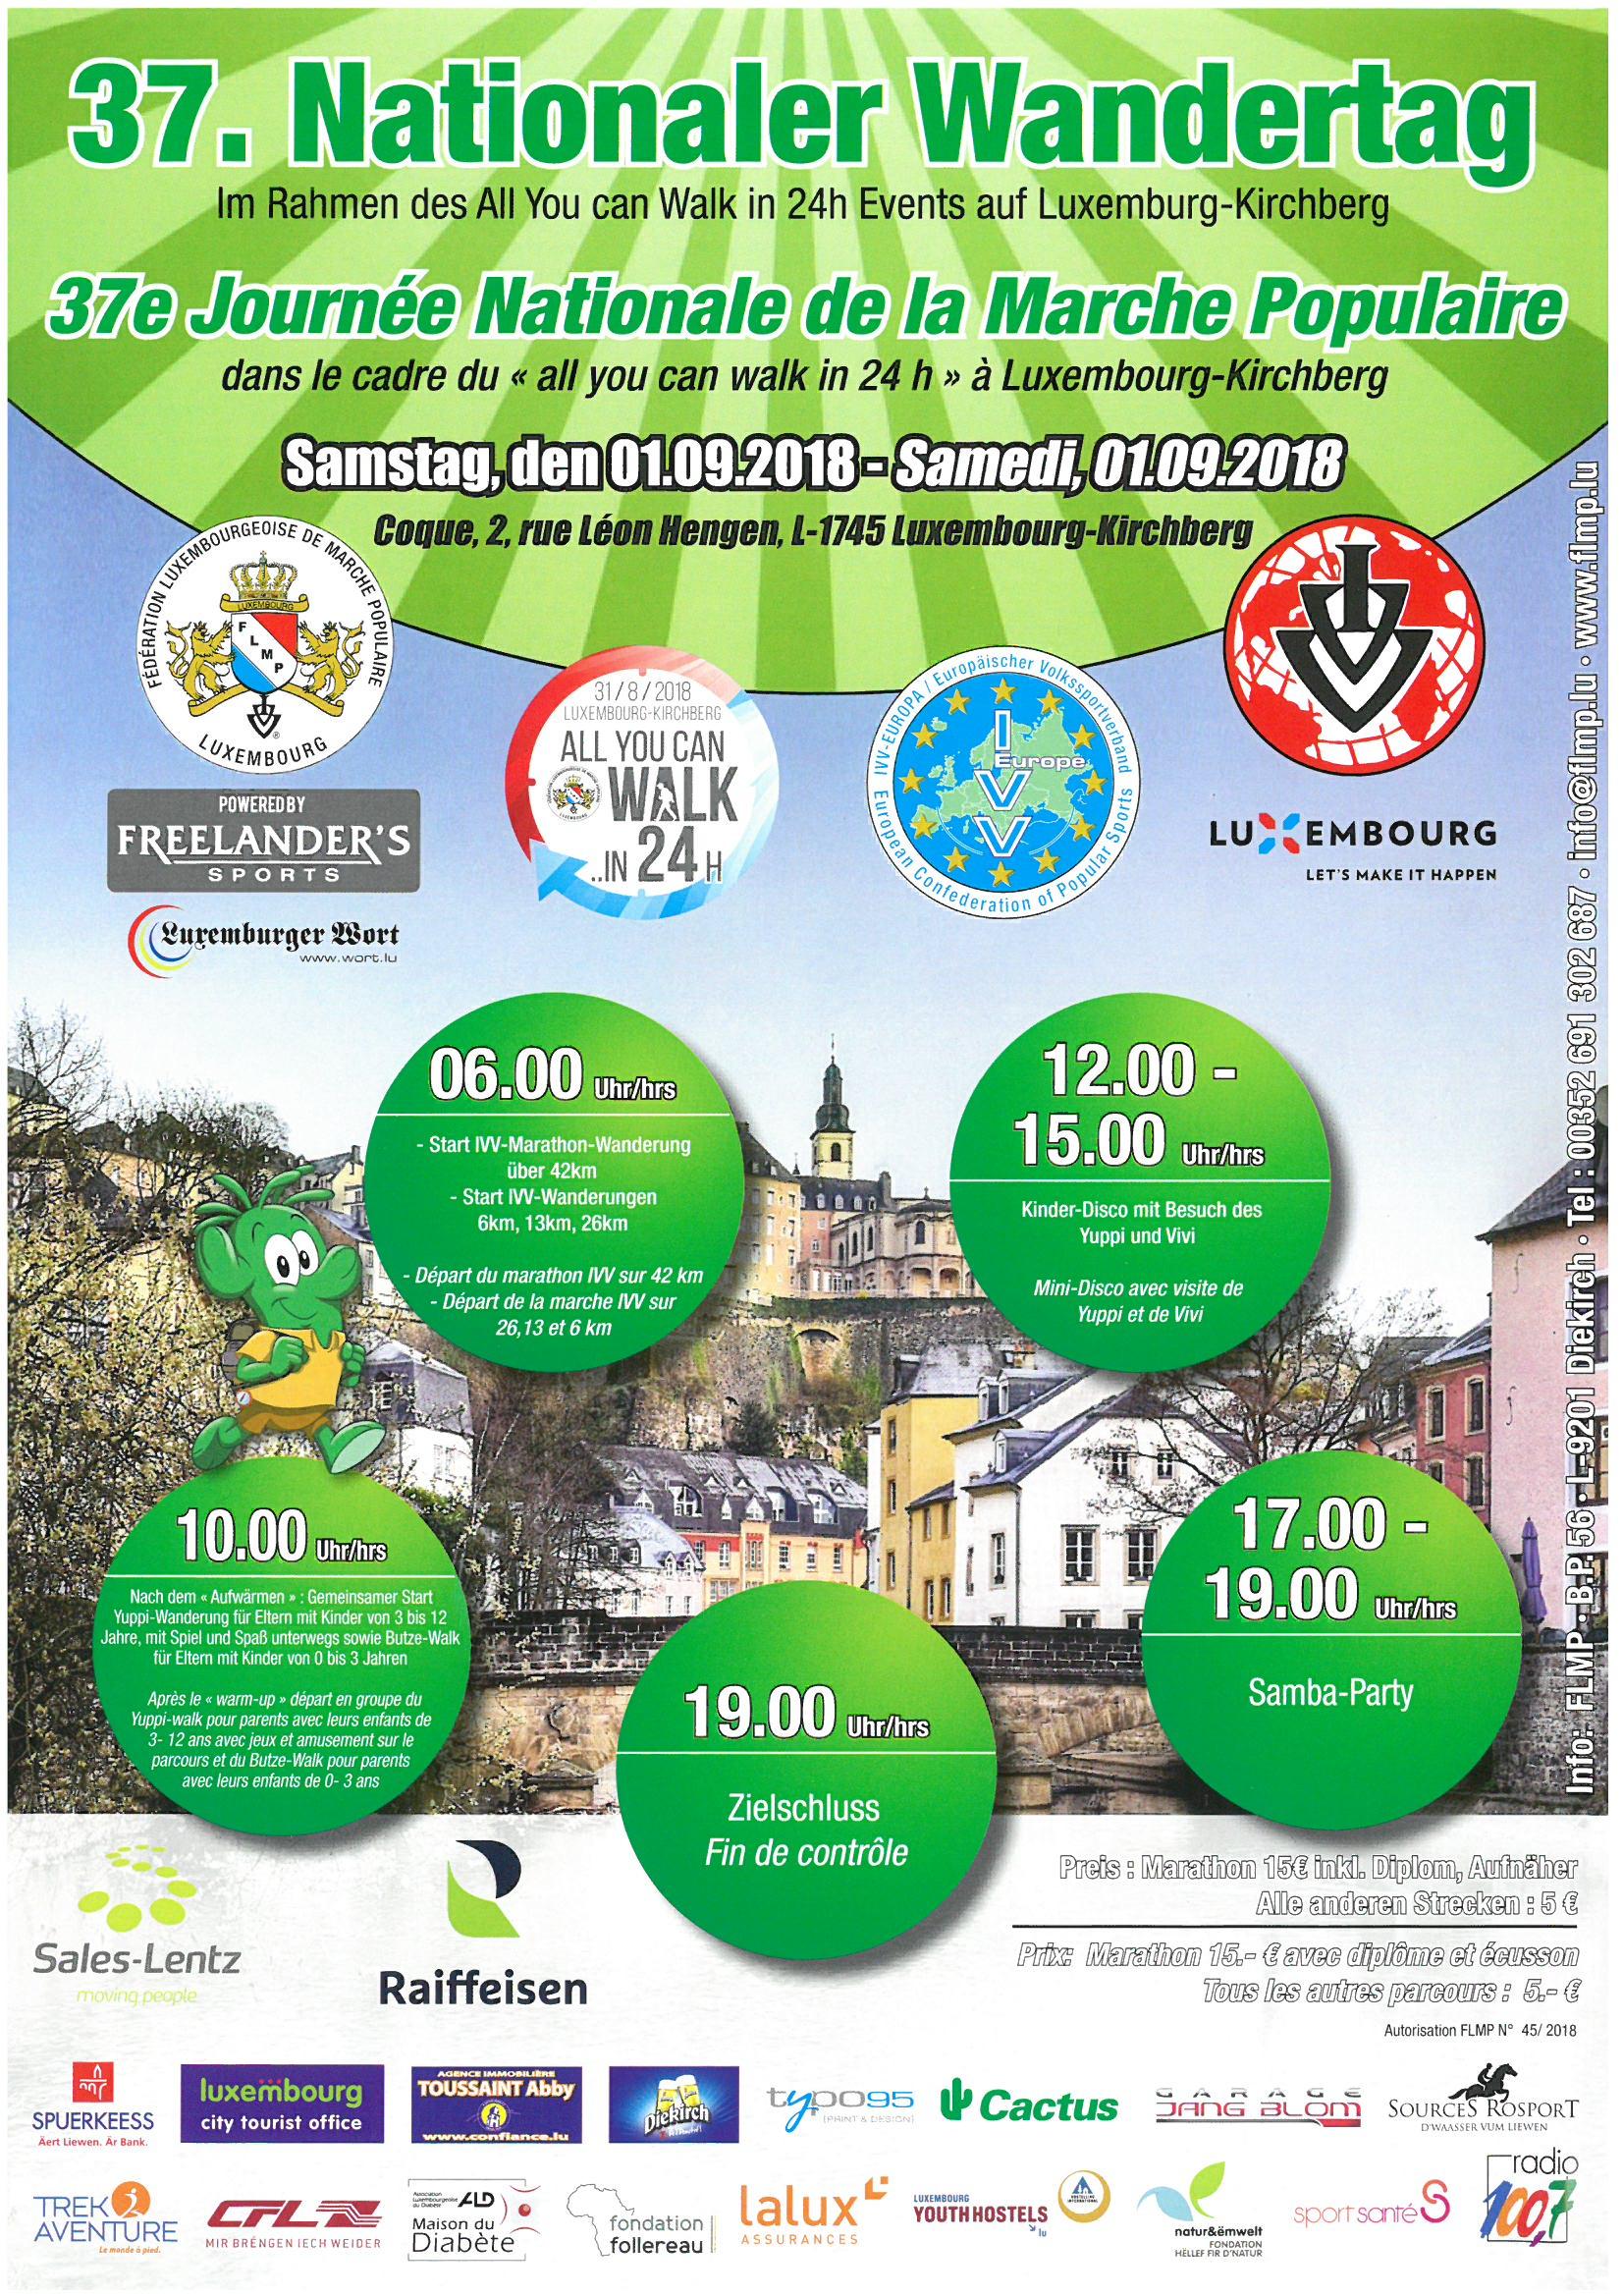 Luxembourg-Kirchberg FLMP IVV Wanderung